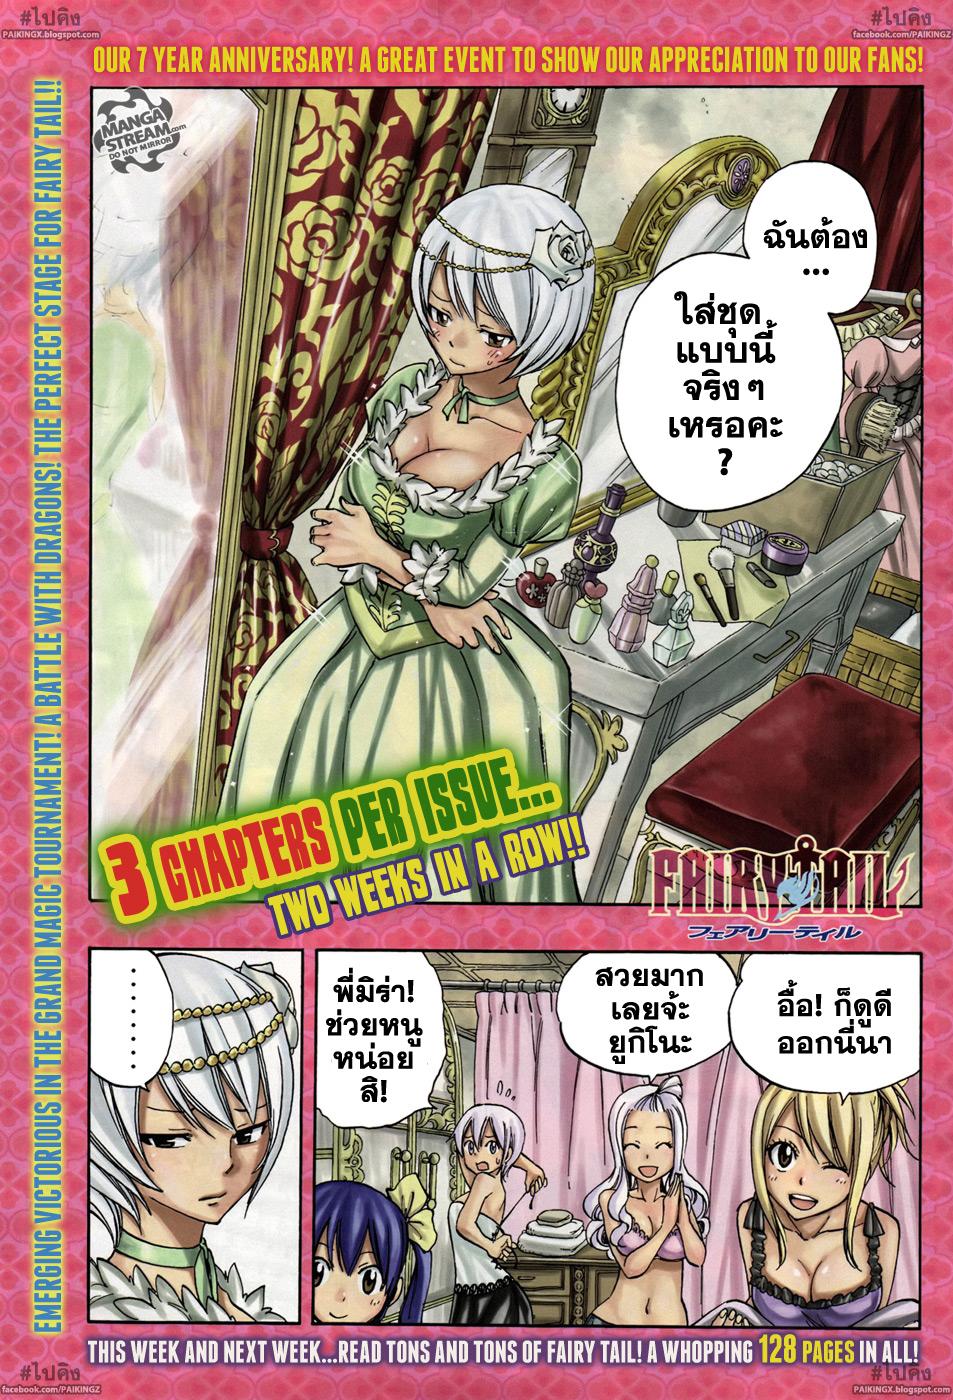 อ่านการ์ตูน Fairy-tail338 แปลไทย งานเลี้ยงครั้งใหญ่